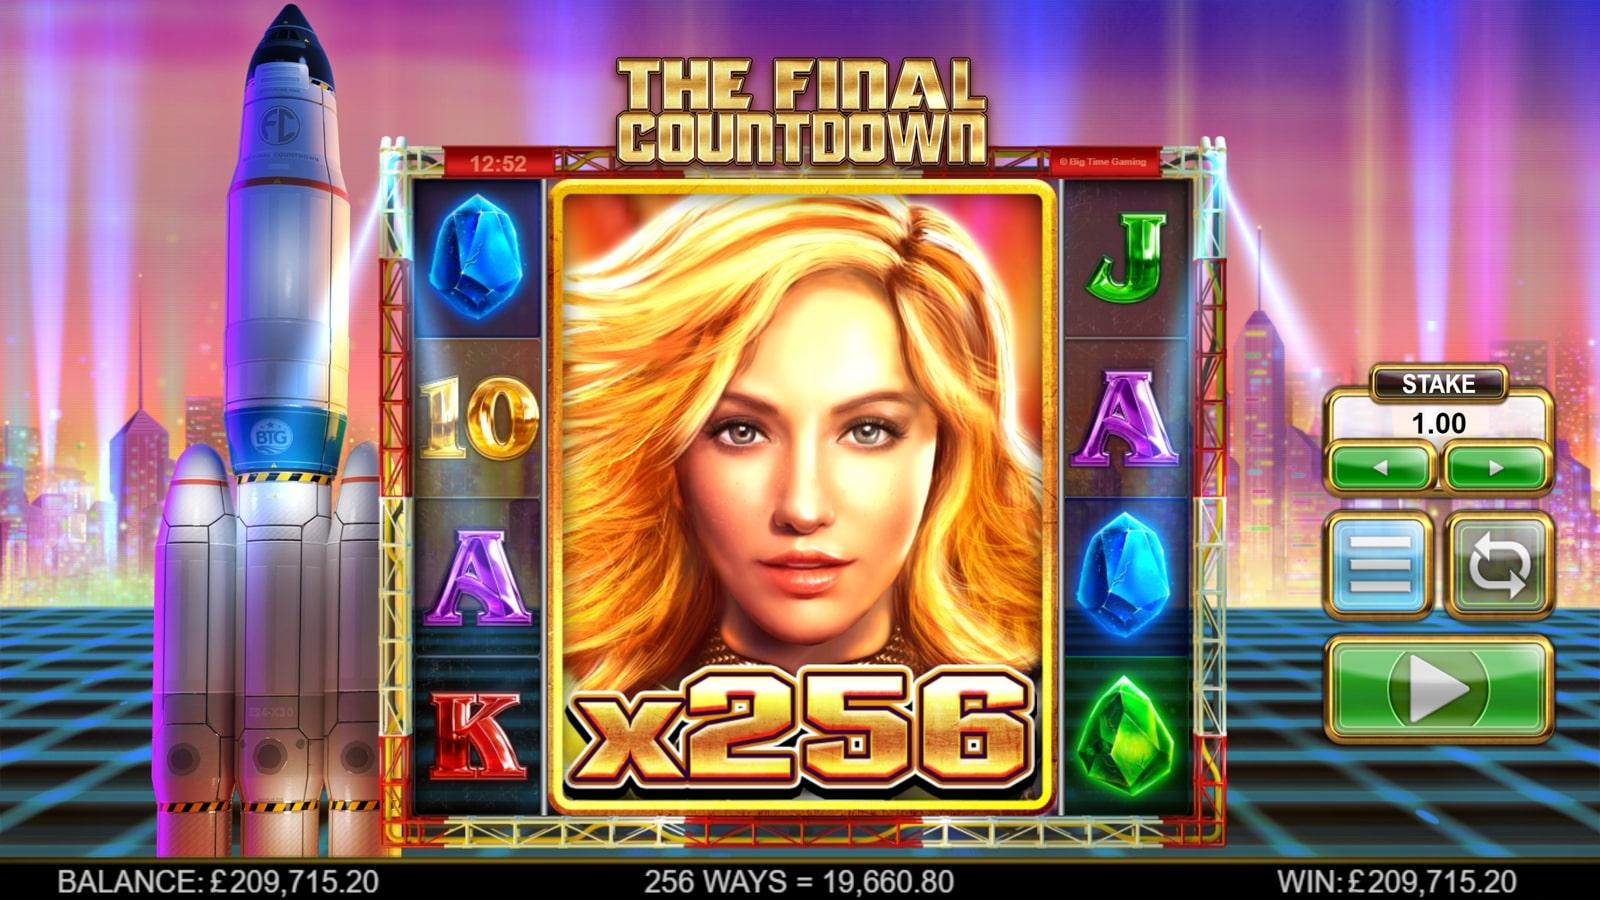 The Final Countdown Screenshot